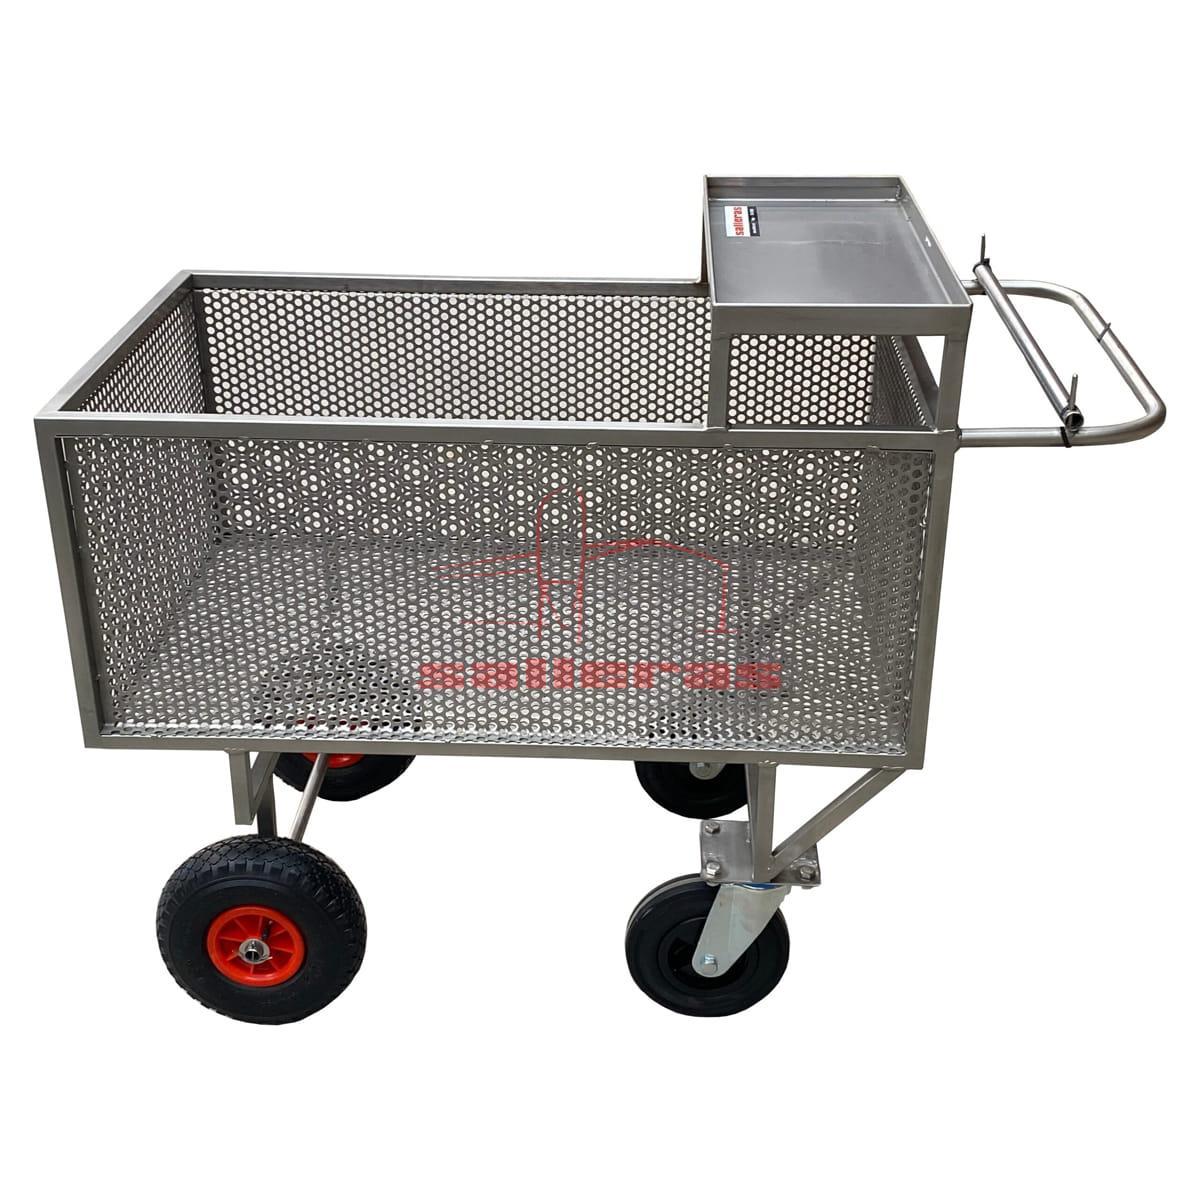 Carro de acero inoxidable con chapa perforada y cuatro ruedas